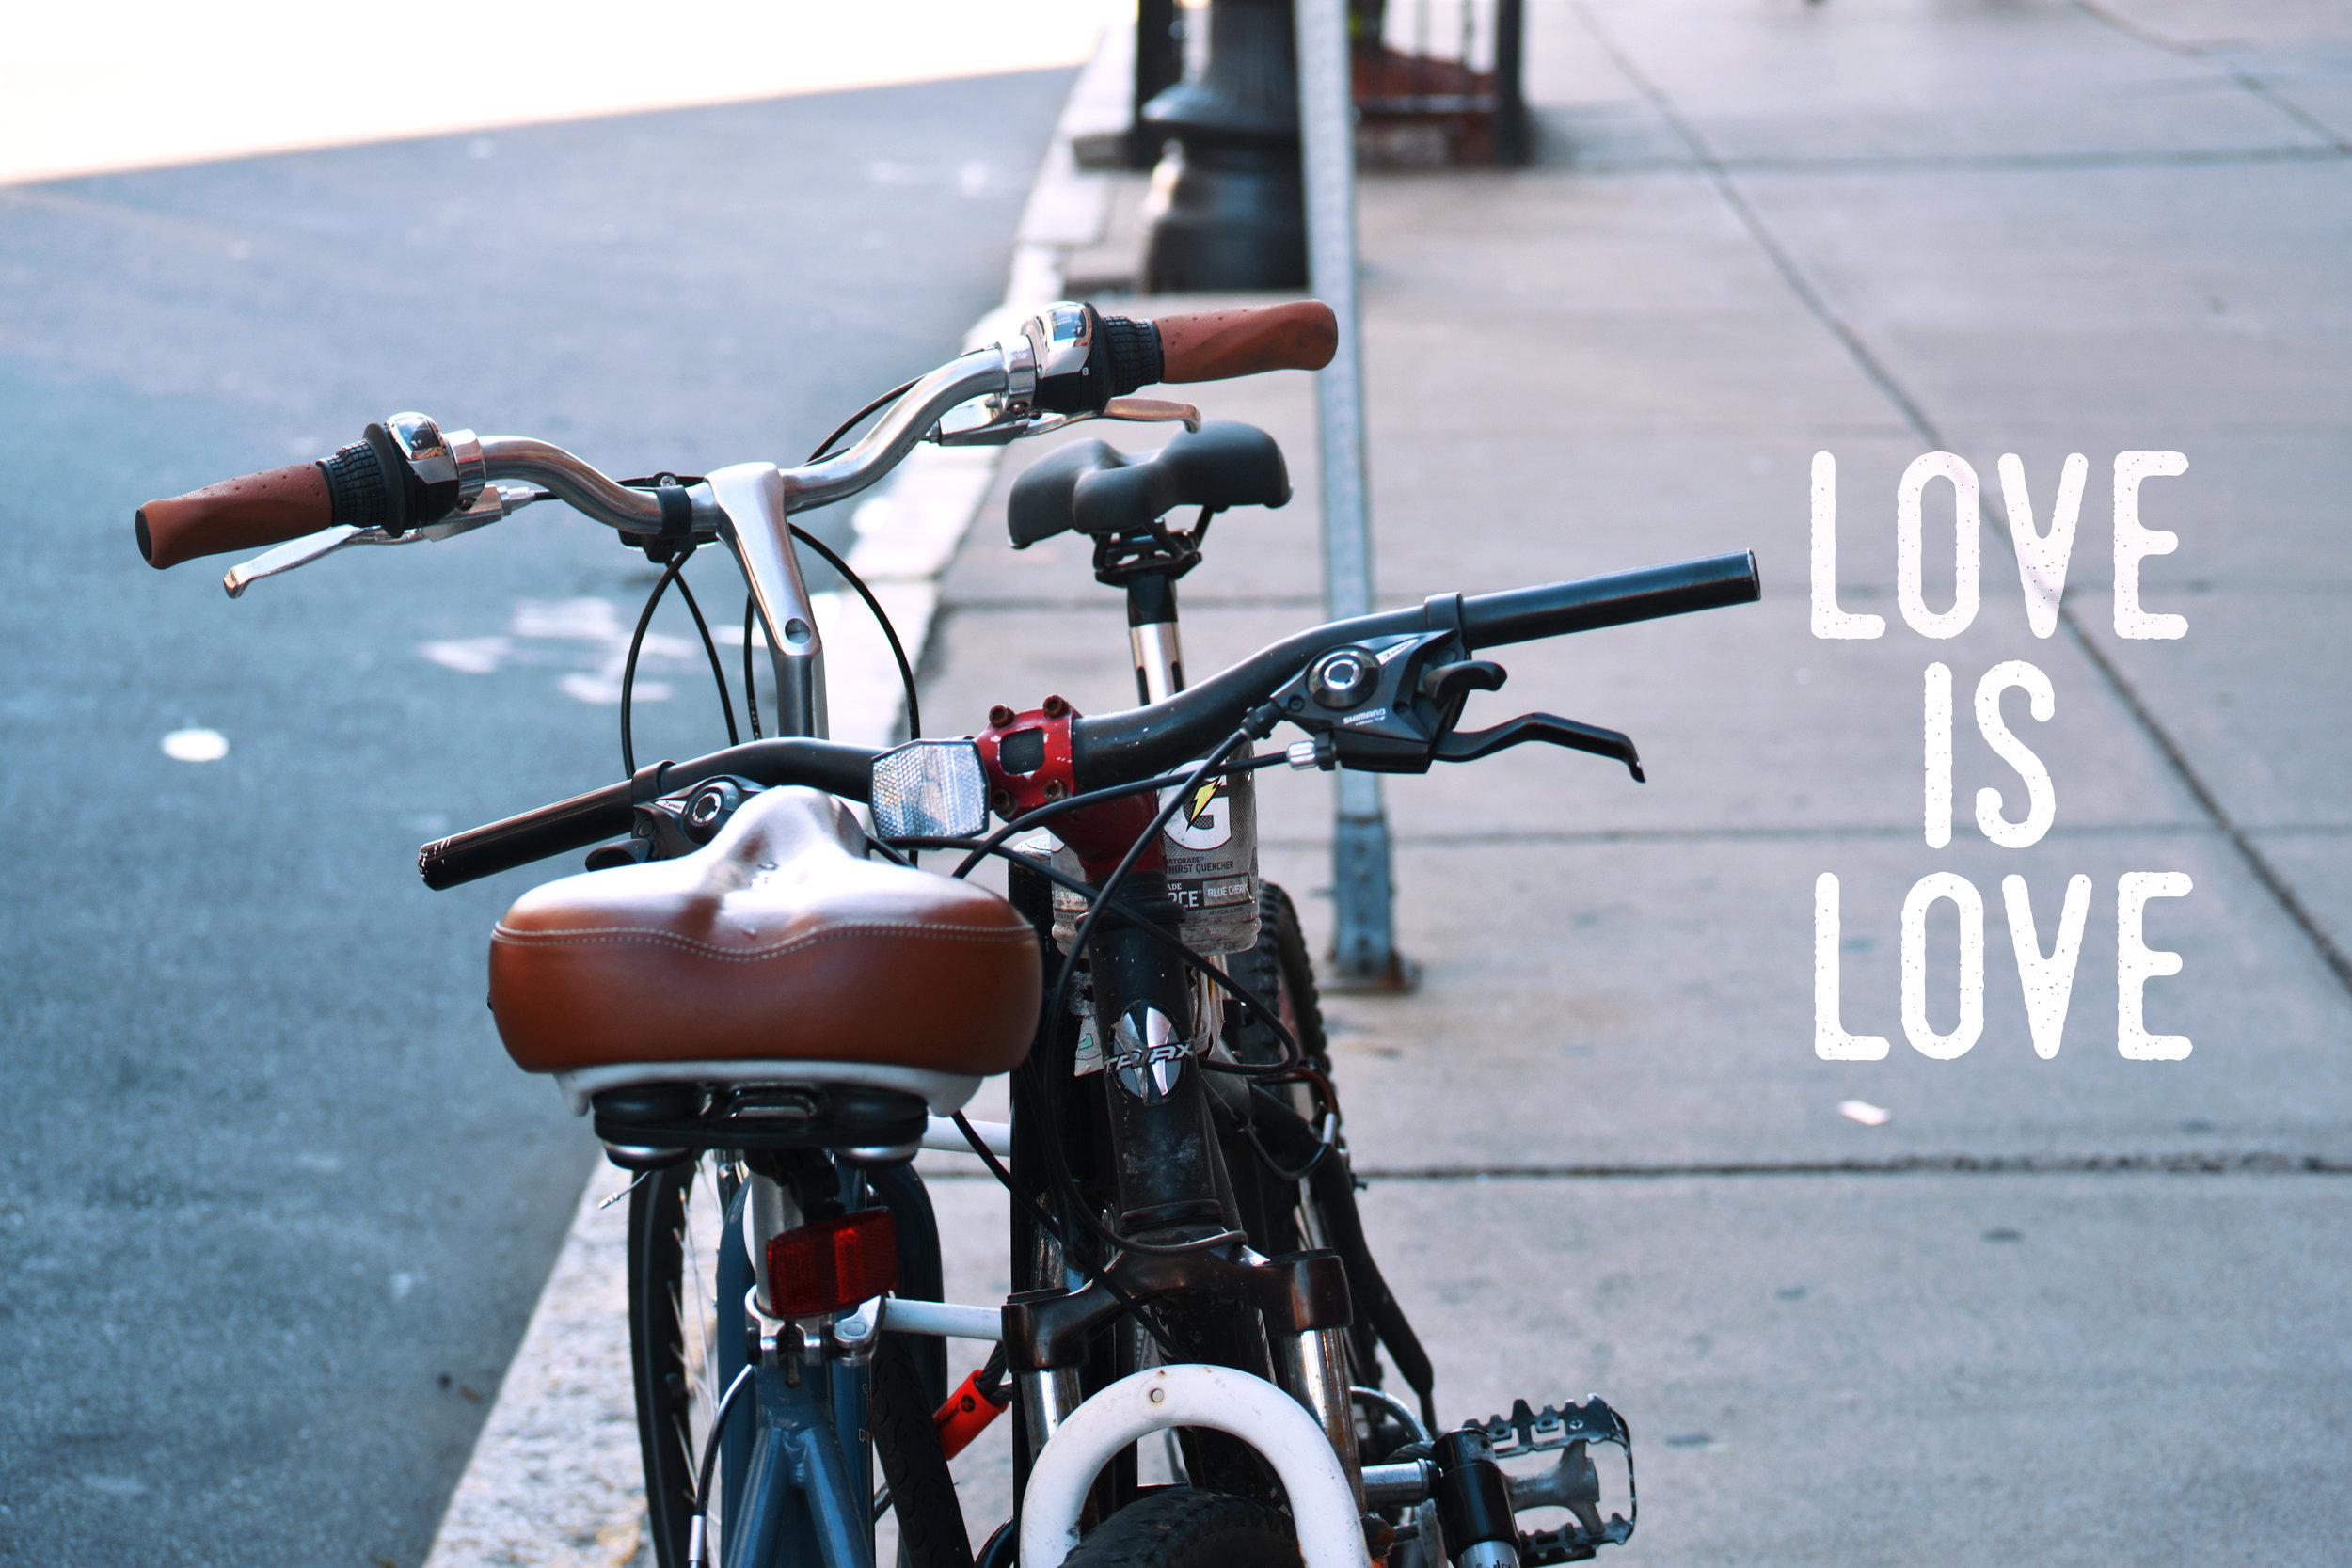 Bike Love smaller.jpg